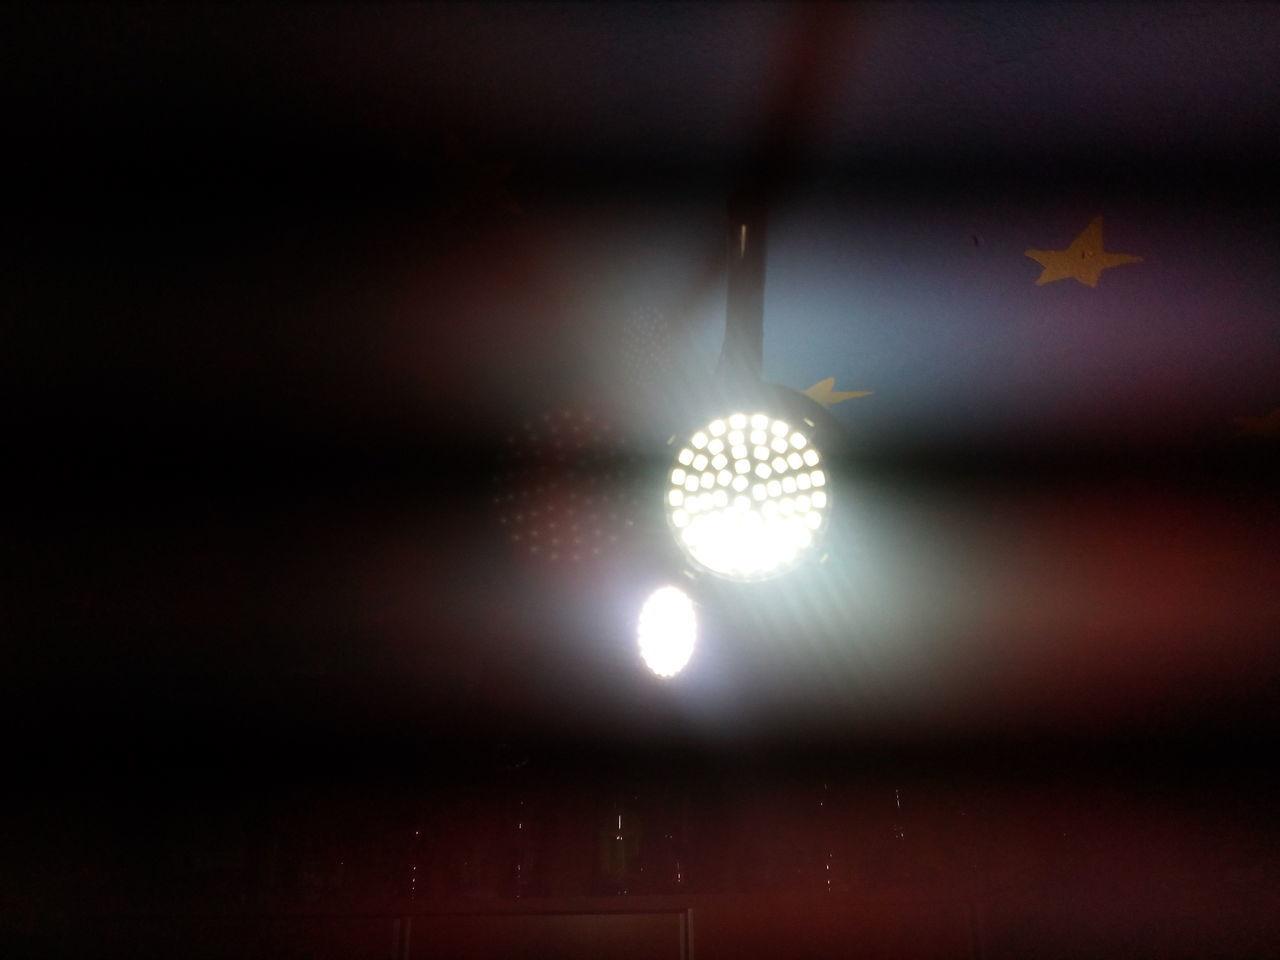 indoors, no people, close-up, celebration, illuminated, day